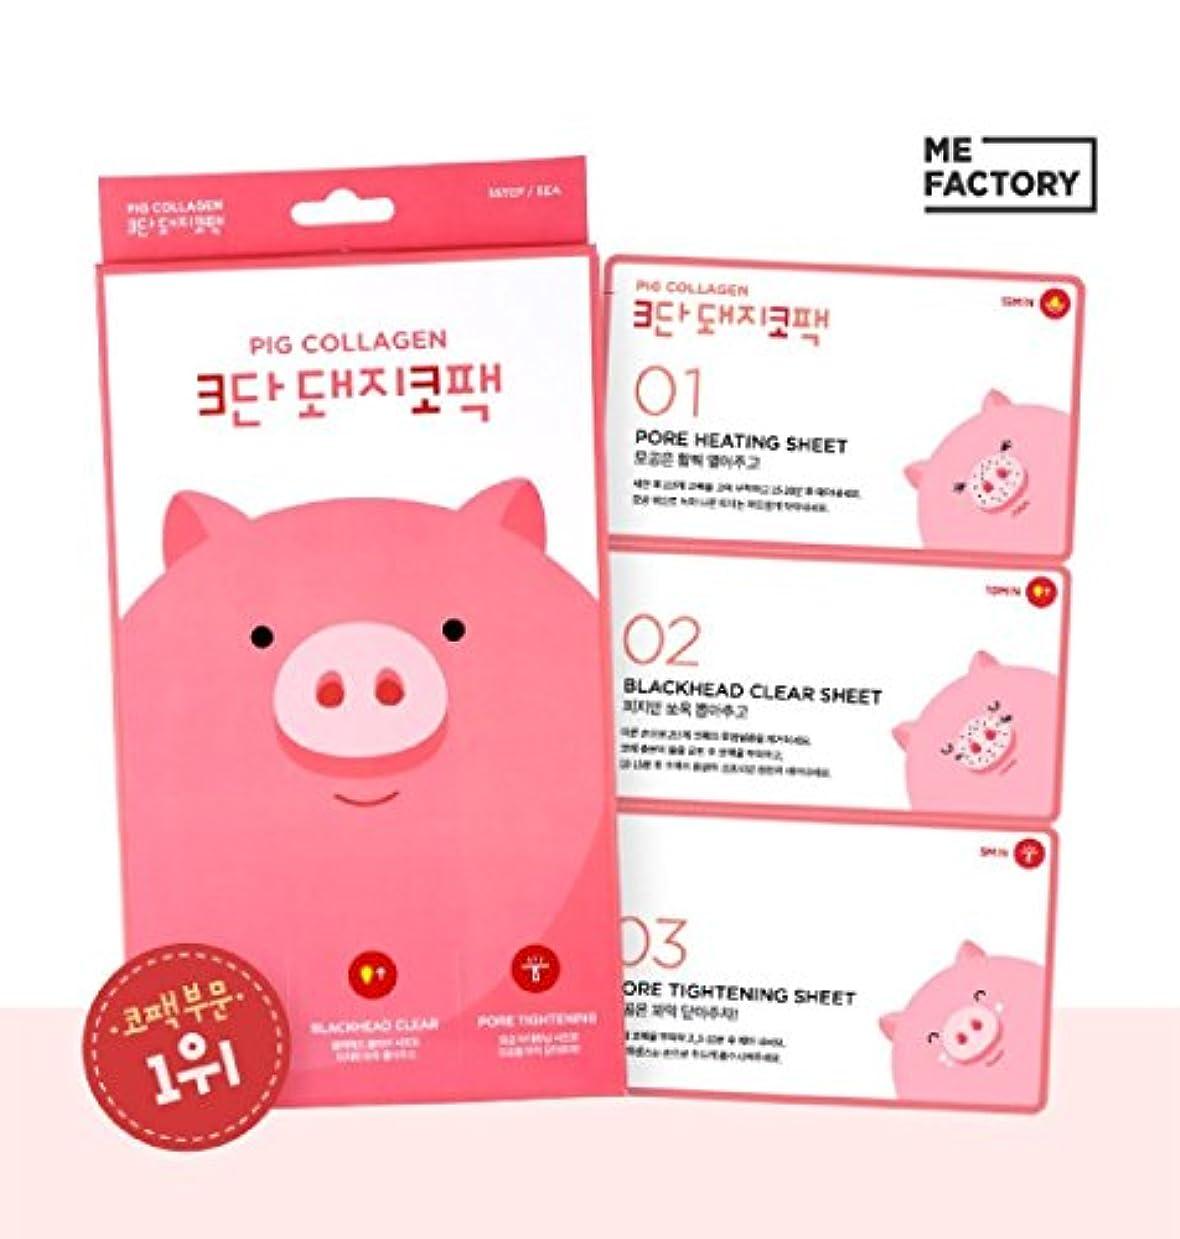 実験スパイ賞【米ファクトリー/ me factory]韓国化粧品/ Me Factory Pig Collagen 3 Step Kit Pig Nose Mask Pack X 5 Piece/米ファクトリー3段豚コペク(5枚)フィジー...